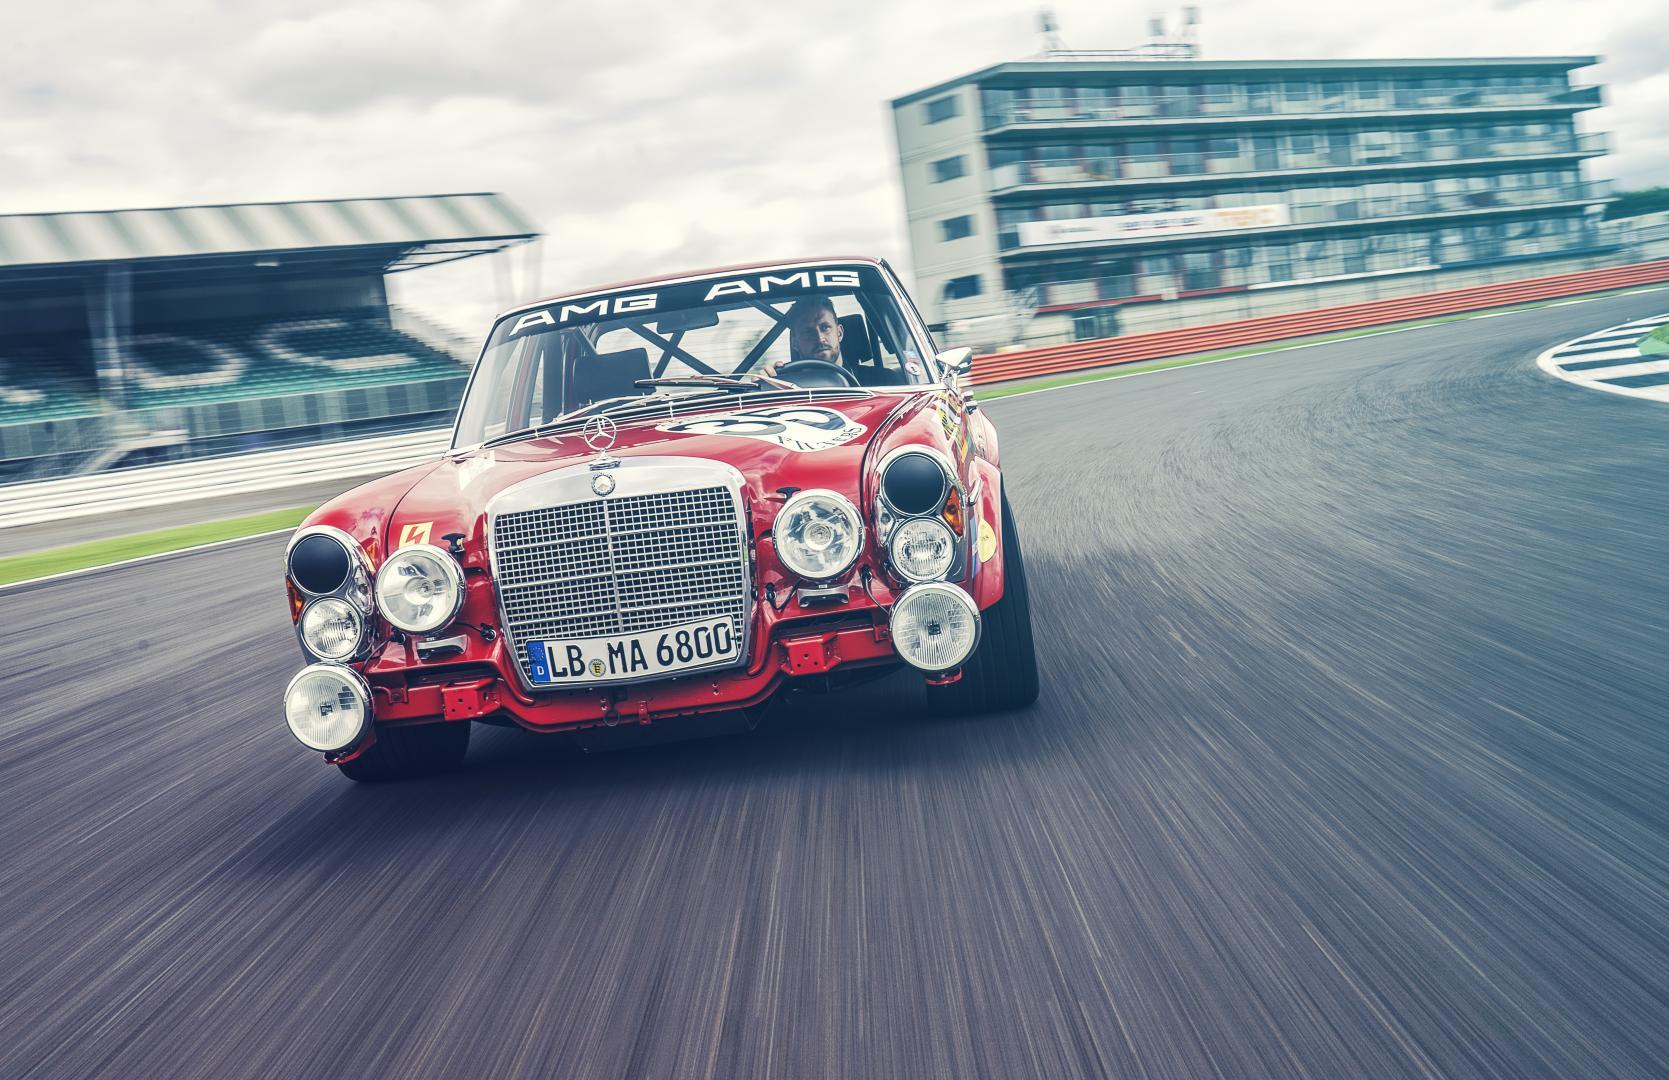 Mercedes 300 SEL Rote Sau rode varkentje